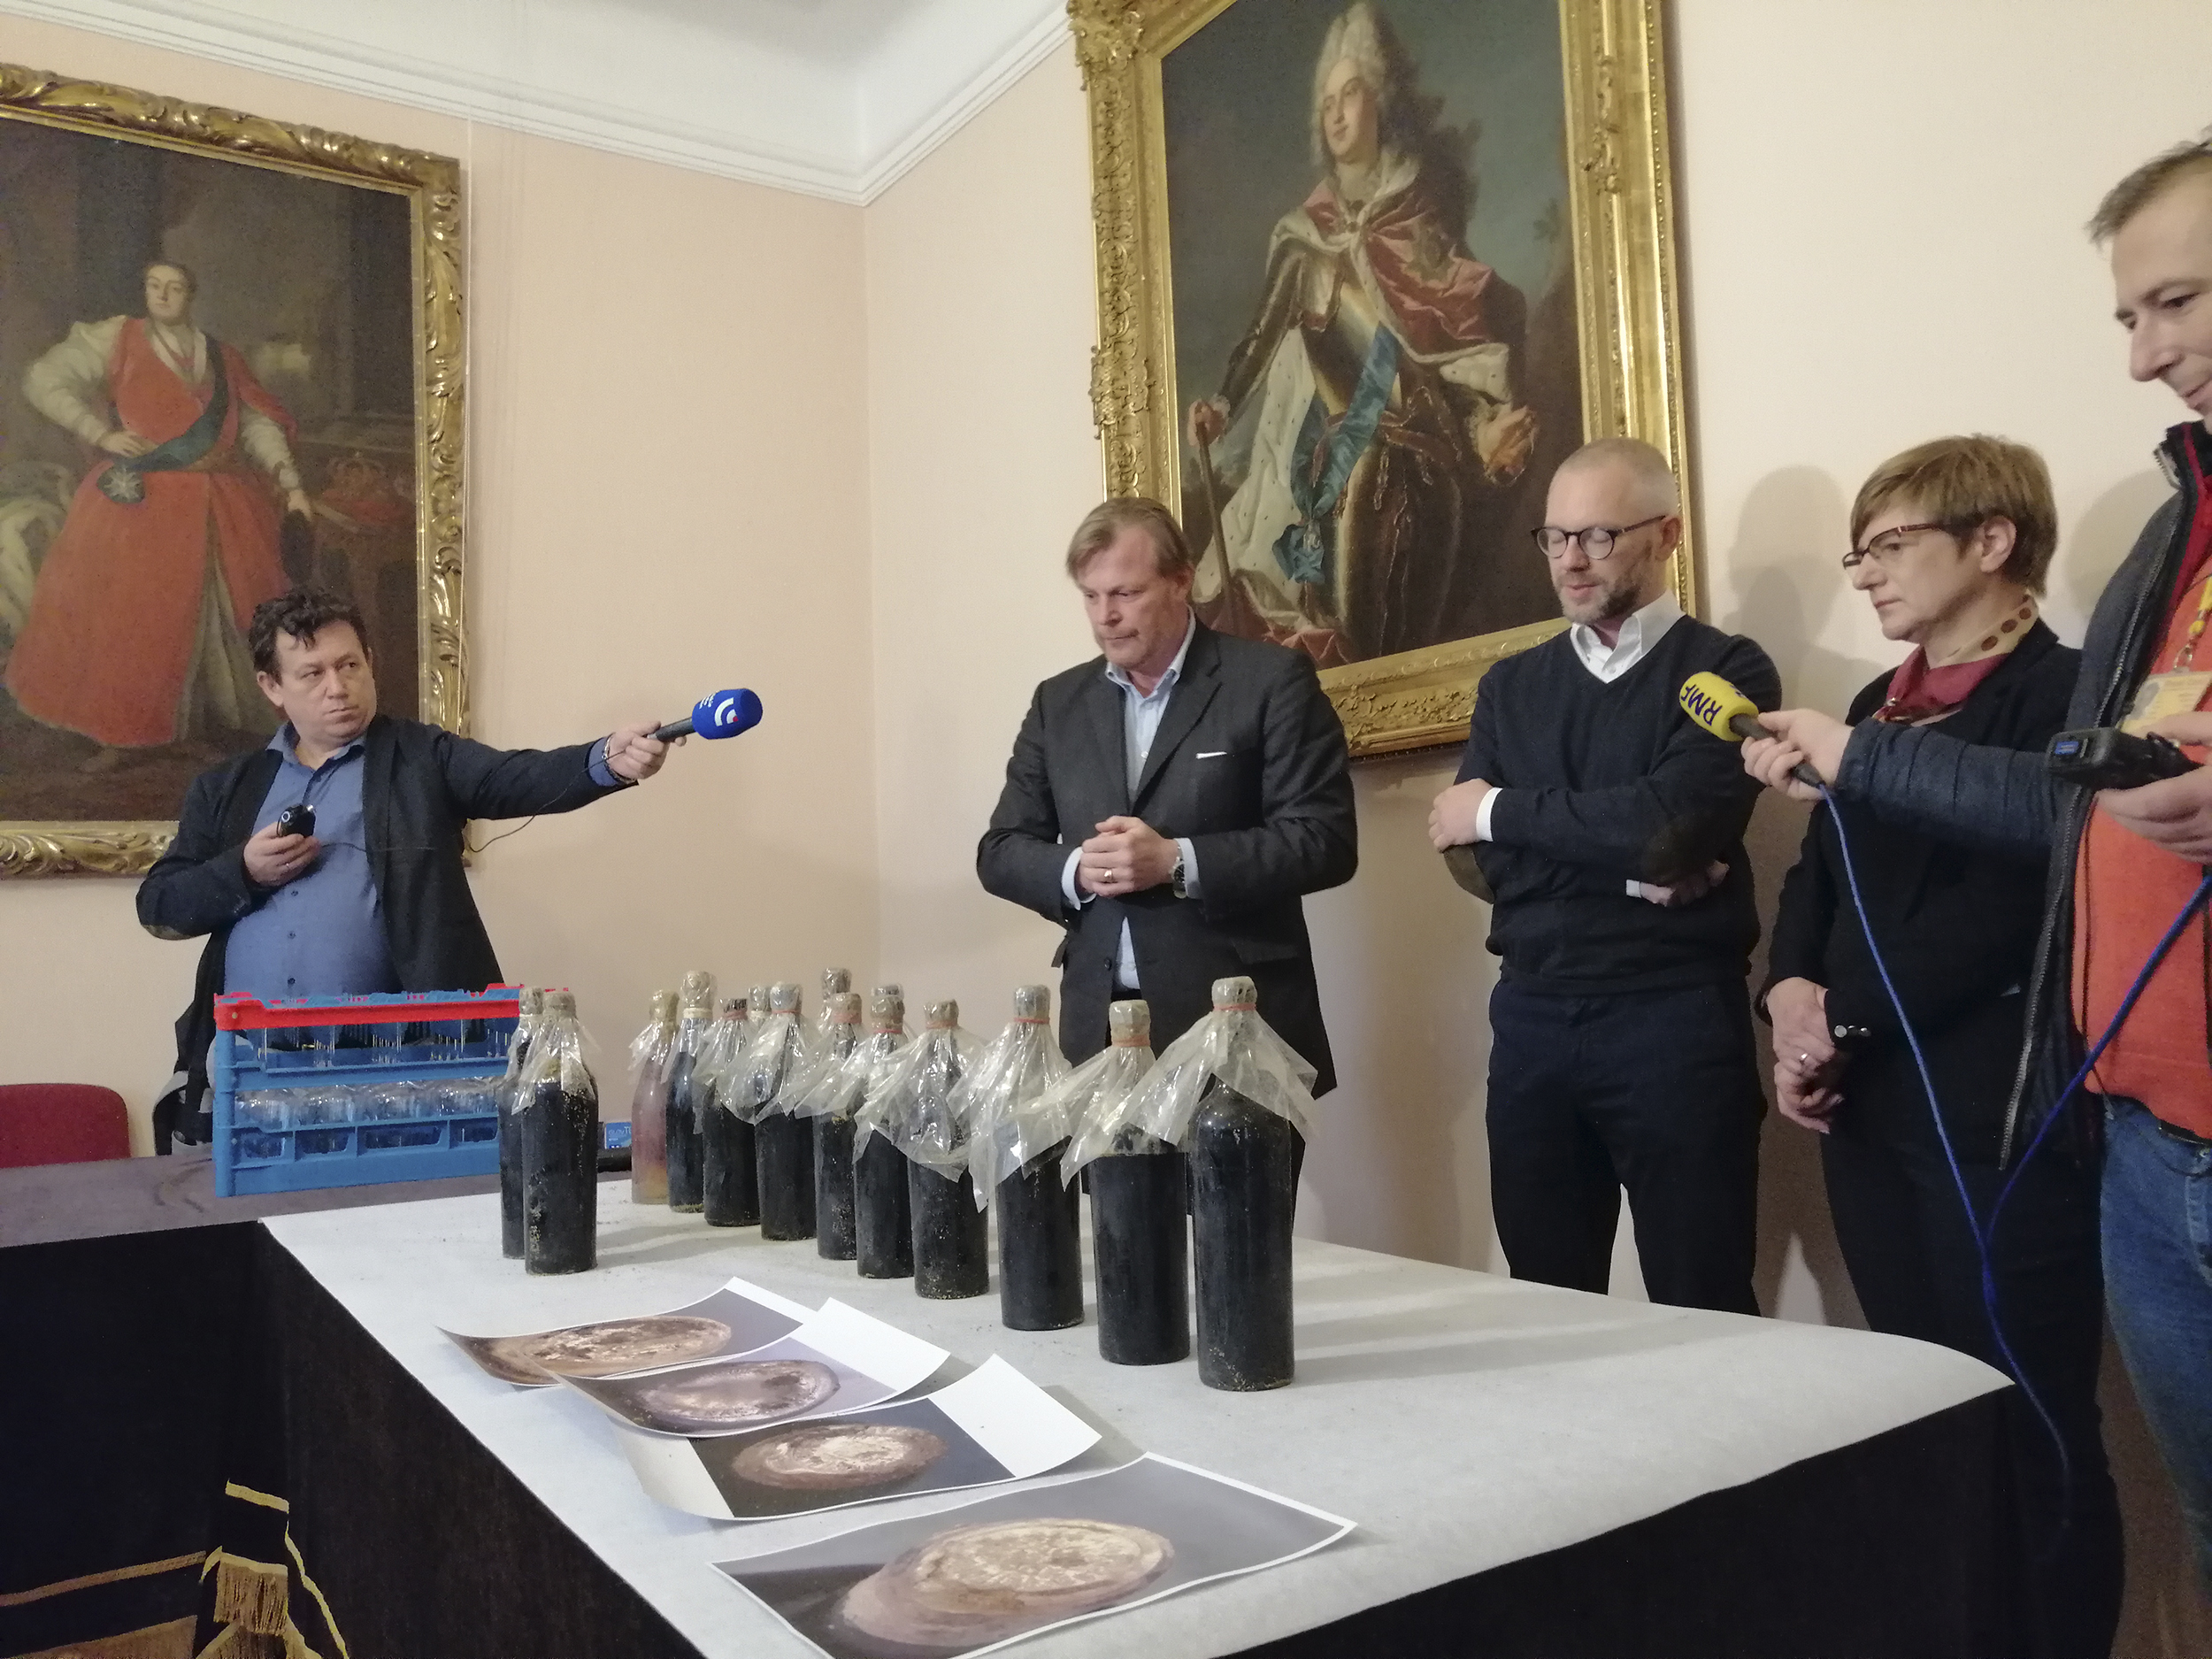 Fotografia. Konferencja prasowa. Dwóch dziennikarzy z mikrofonami skierowanymi w stronę rozmówców: kobiety i dwóch mężczyzn. Przed nimi na stole, ustawione w rzędzie zakurzone i zabezpieczone folią butelki do wina, jedenaście butelek z ciemnego szkła, jedna ze szkła jasnego.